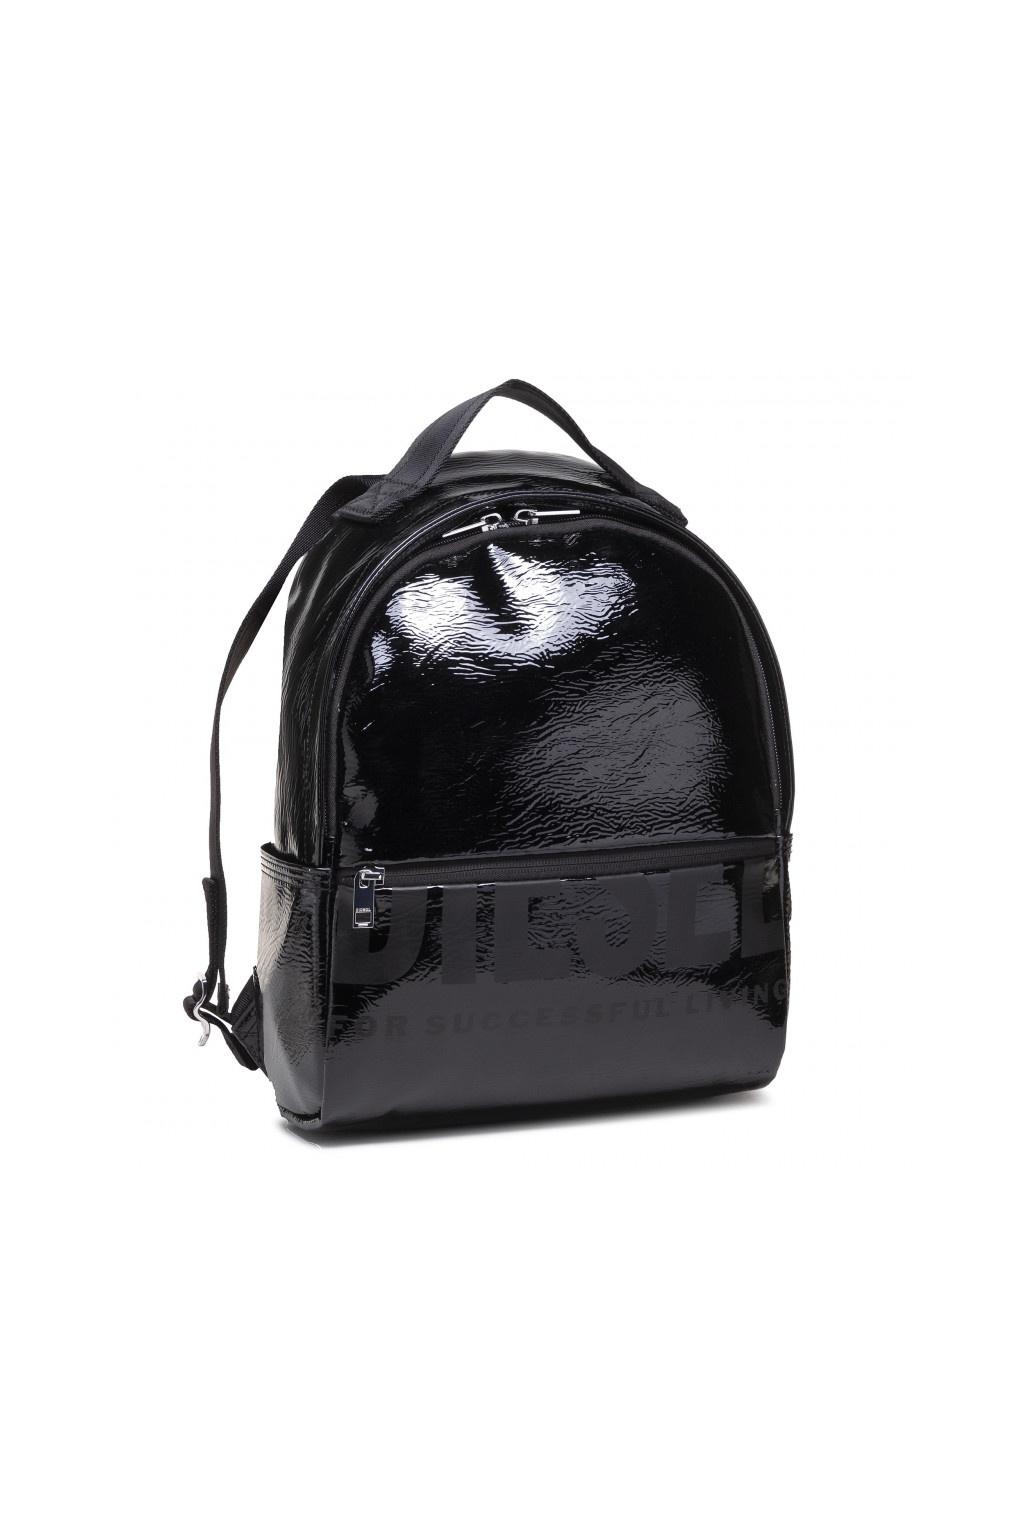 Dámský batoh Diesel F Bold Back Fl II černý